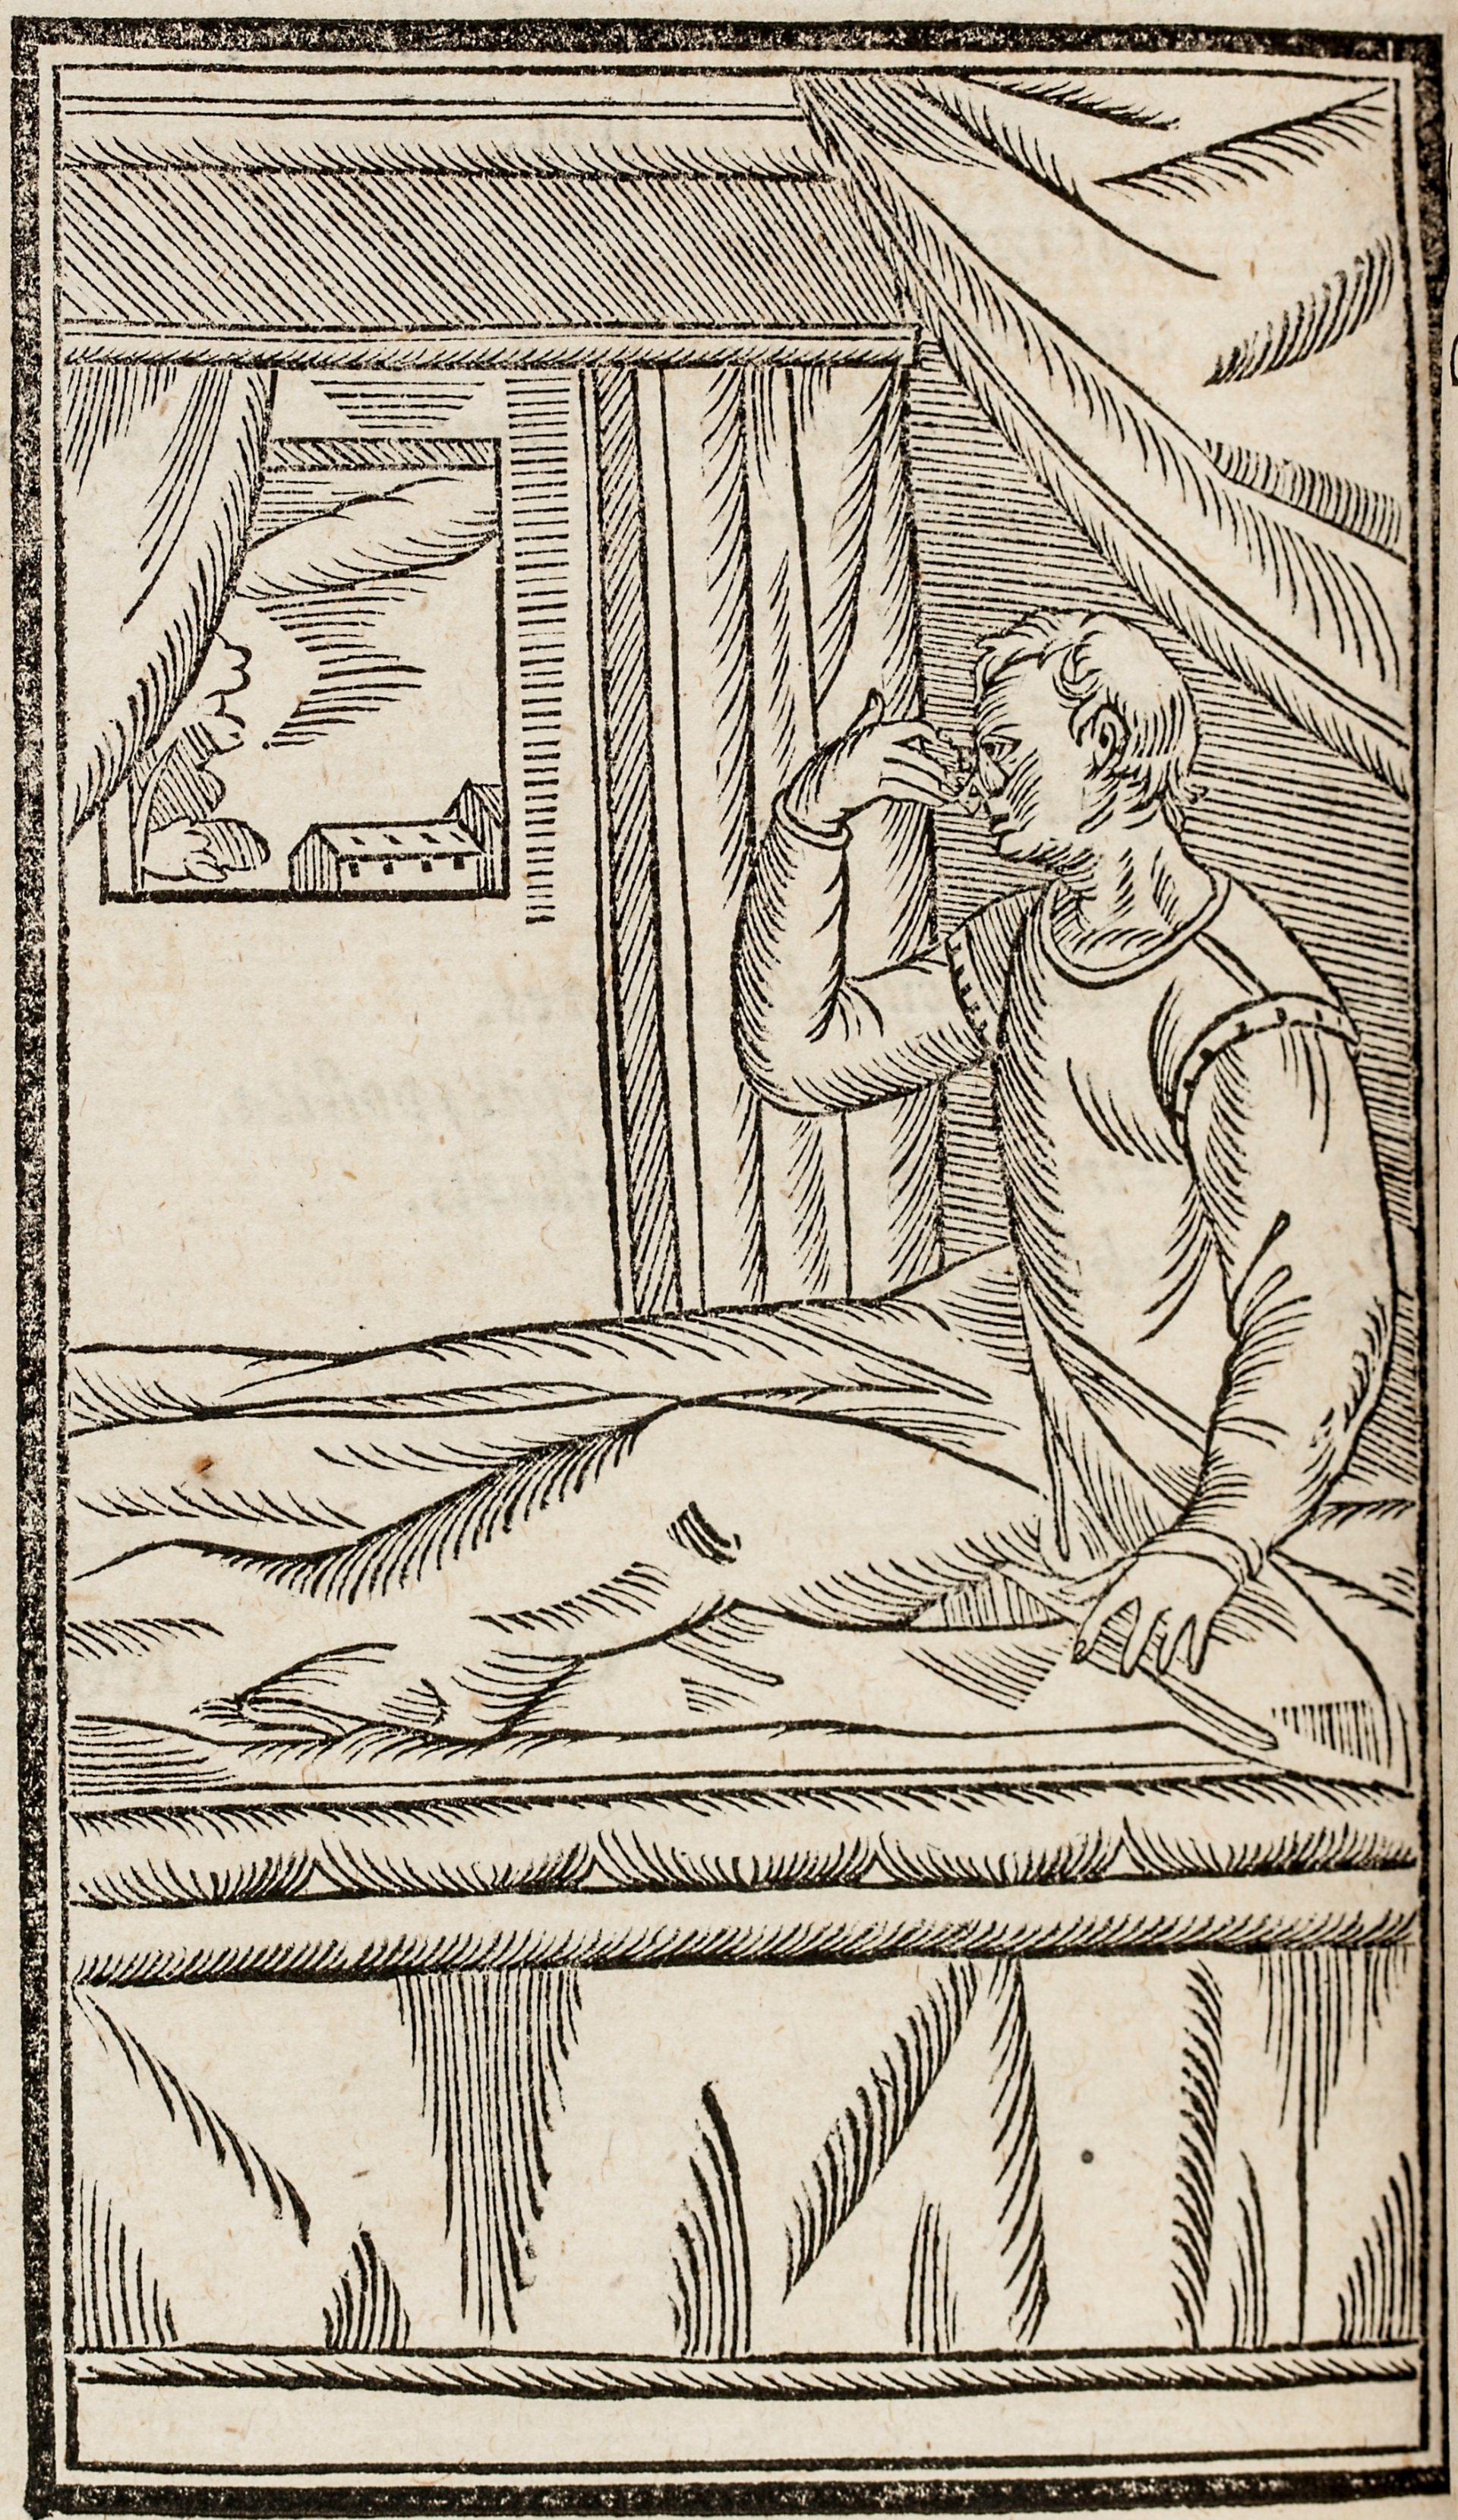 Trätryck som föreställer en man som sitter i en säng och drar med ena handen över ansiktet.